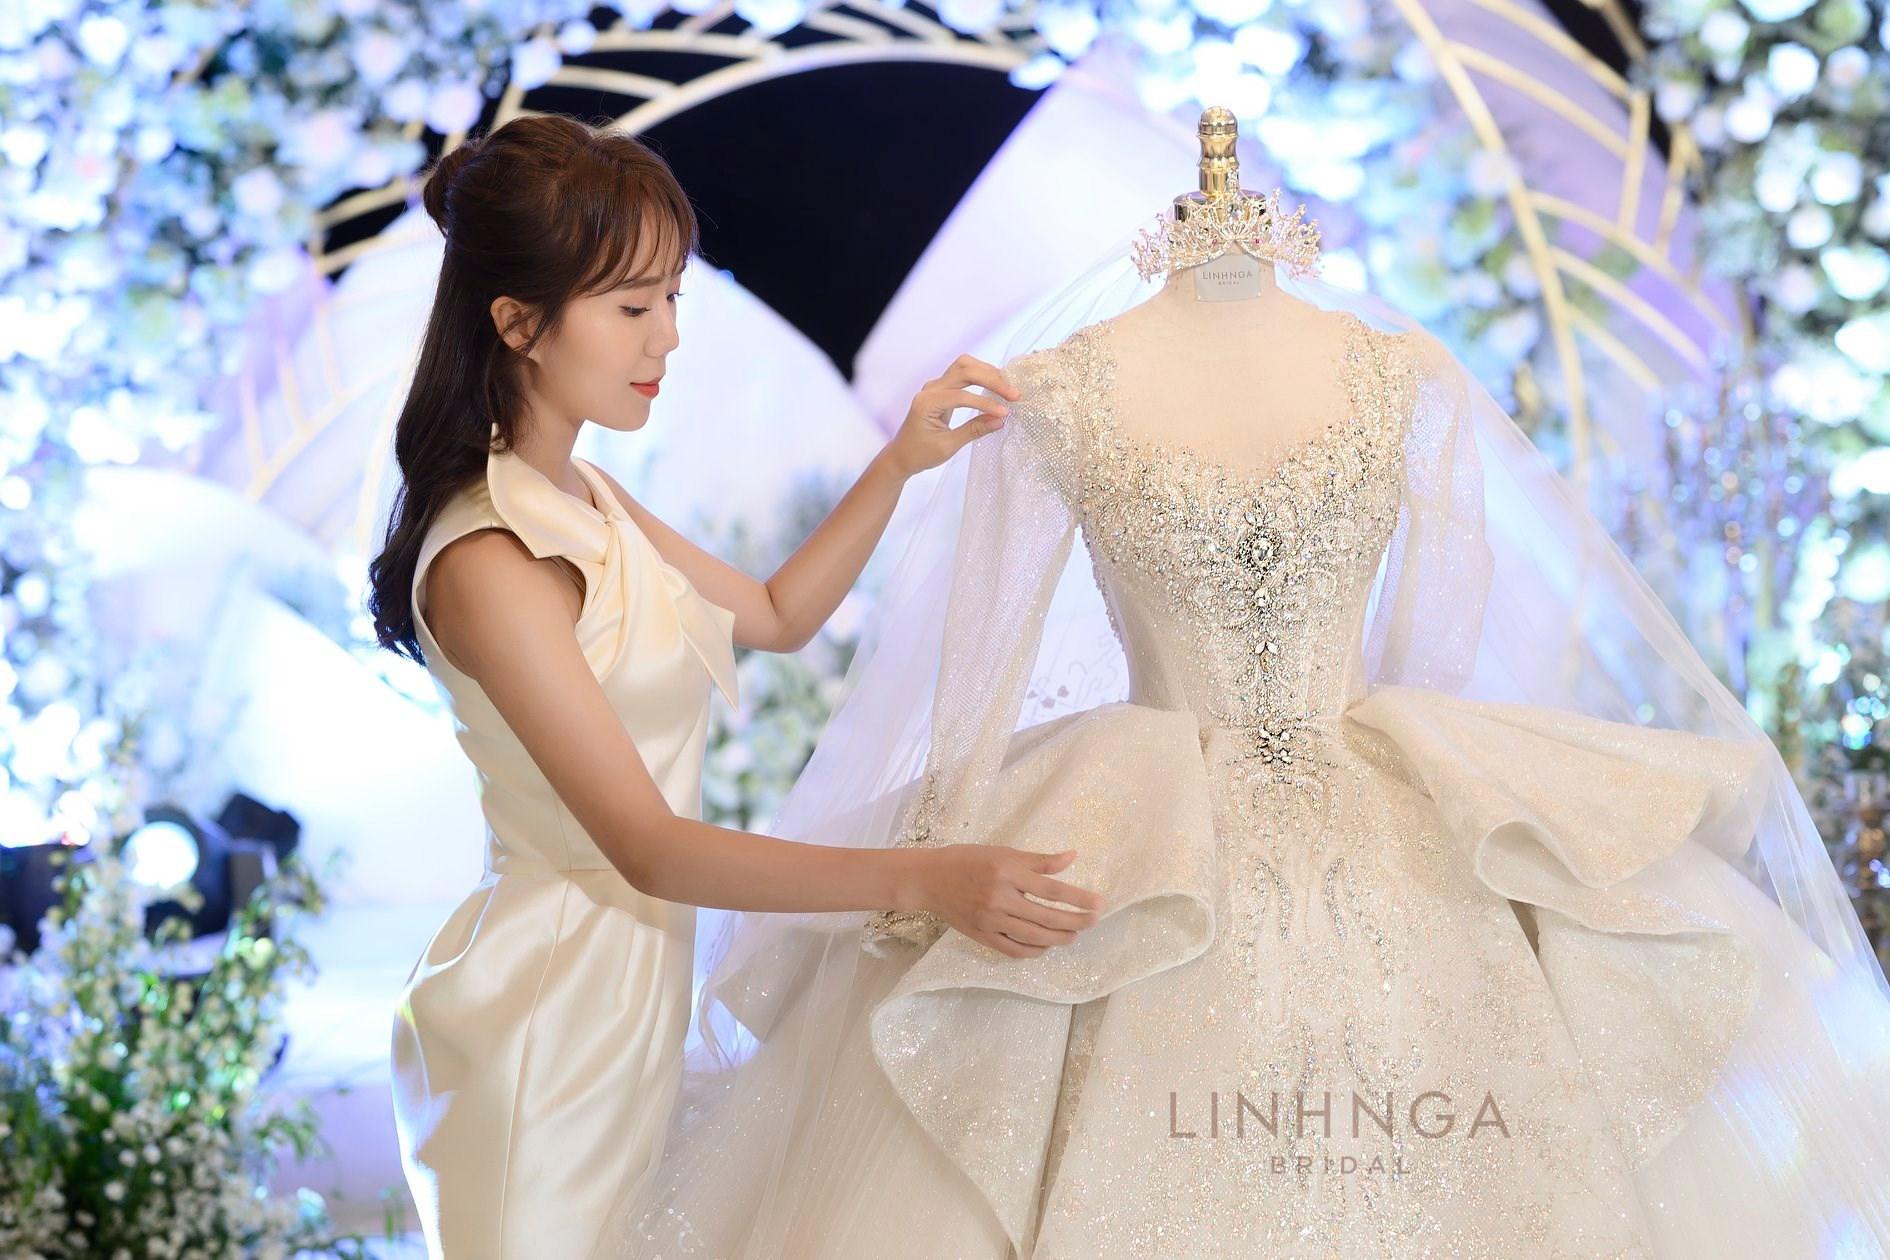 Cận cảnh loạt váy cưới, trong đó có chiếc 28 tỷ đính 6 viên kim cương của Xoài Non - vợ streamer giàu nhất VN - Ảnh 4.